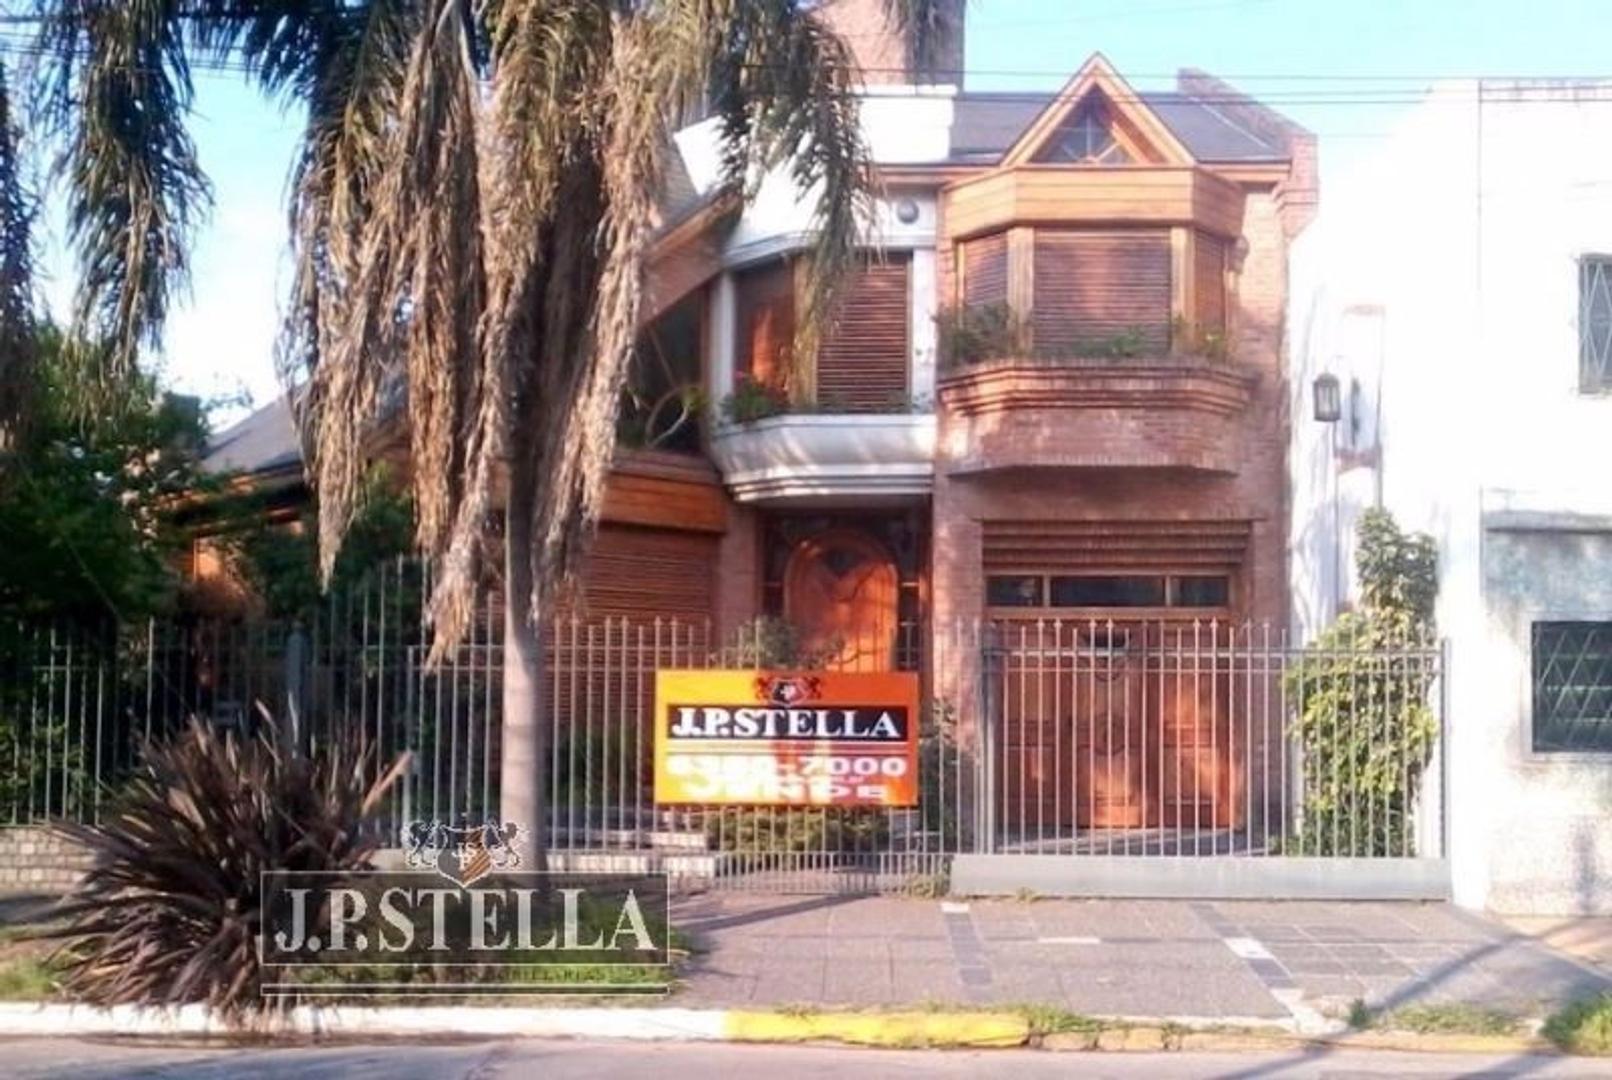 Excelente Casa Salida a 2 Calles – Jujuy 2923 y Salta 2850 – San Justo